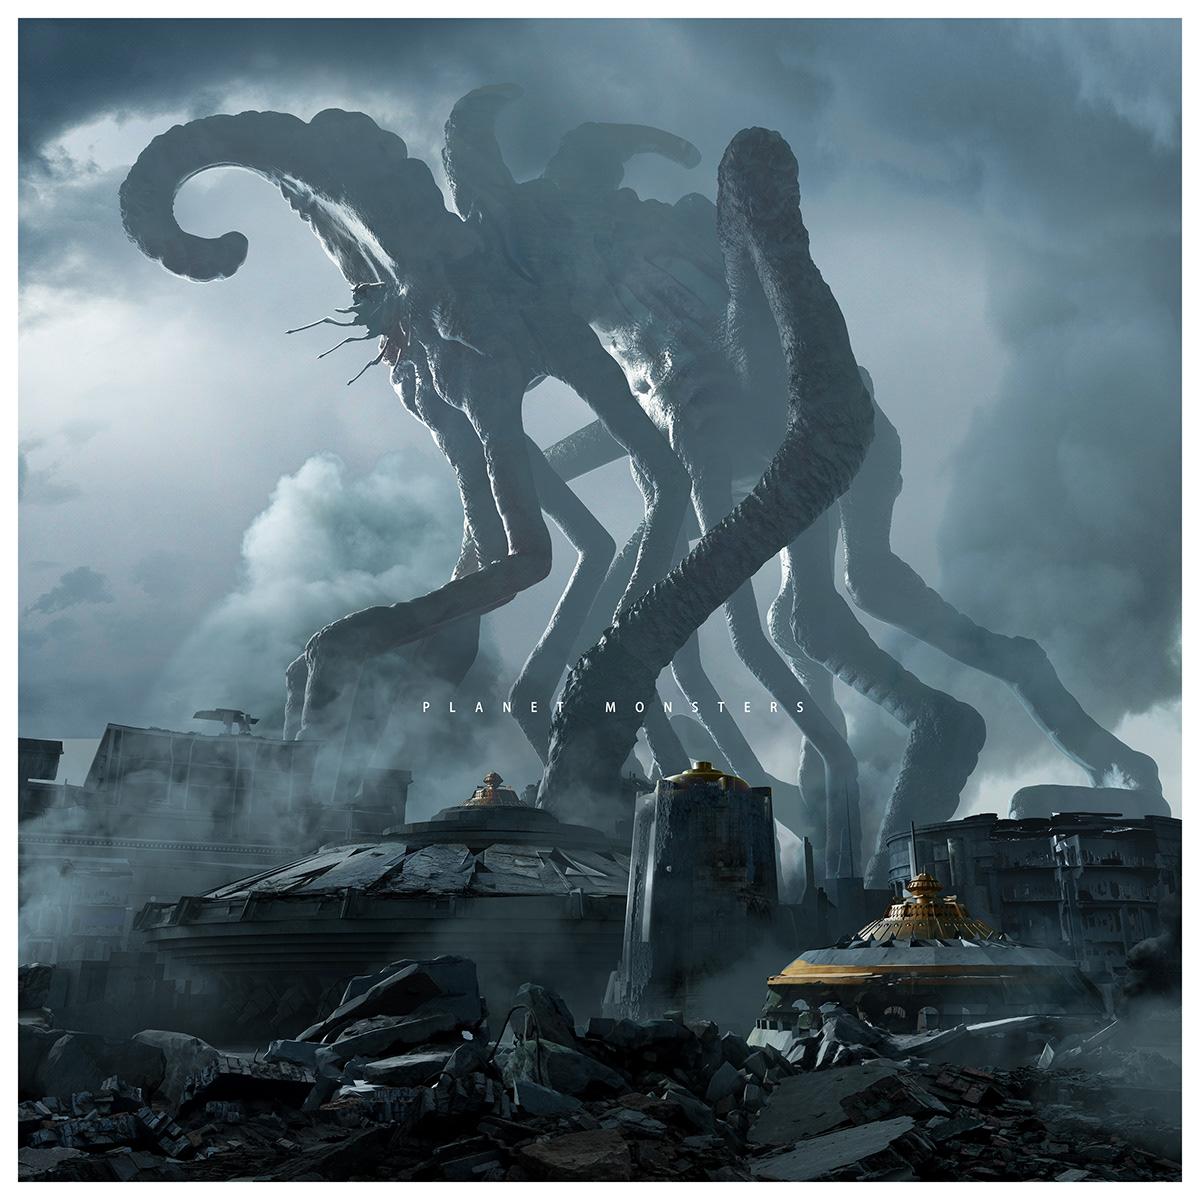 planet monster on behance